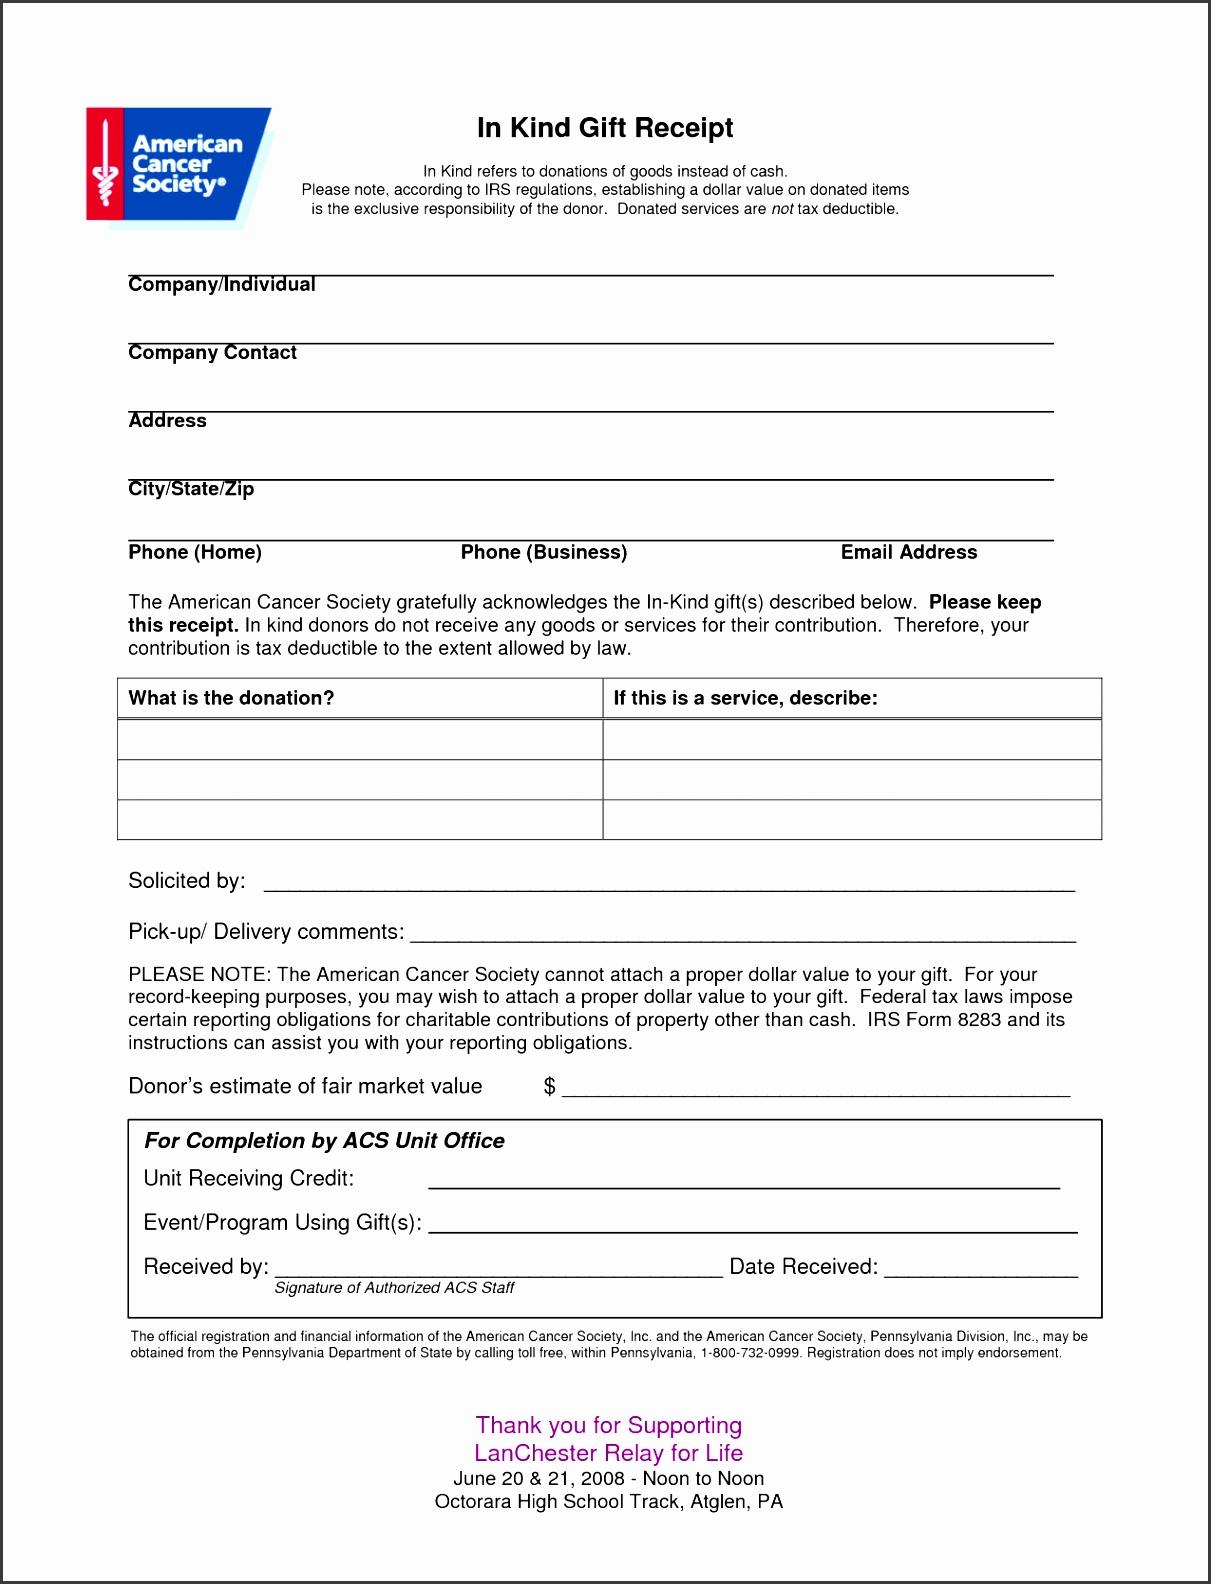 6 Tax Donation Receipt Template - SampleTemplatess - SampleTemplatess